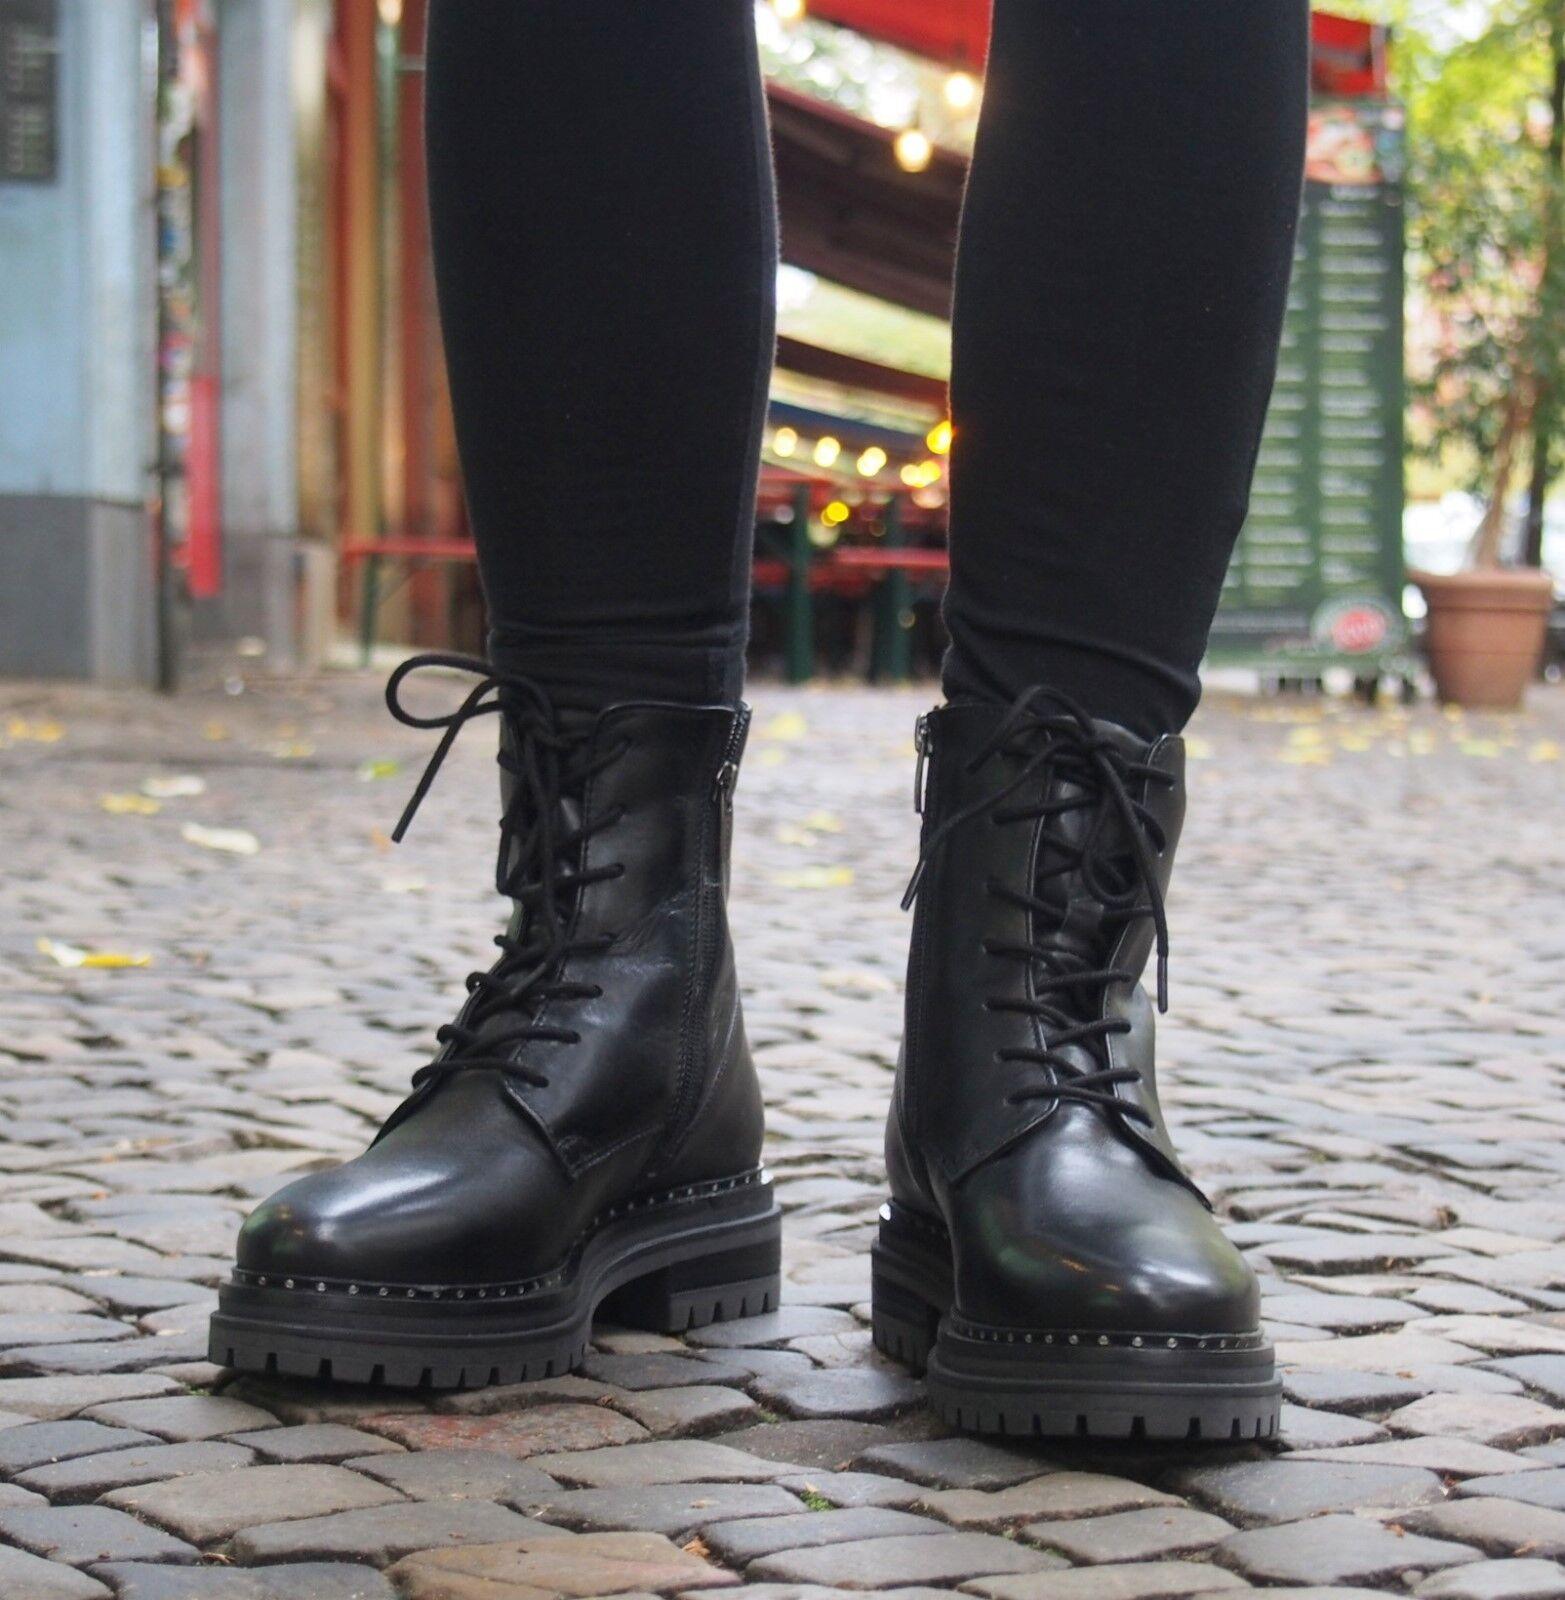 MEXX Schuh Bogdana schwarz Schwarz Echtleder Damenstiefelette Reißverschluss NEU